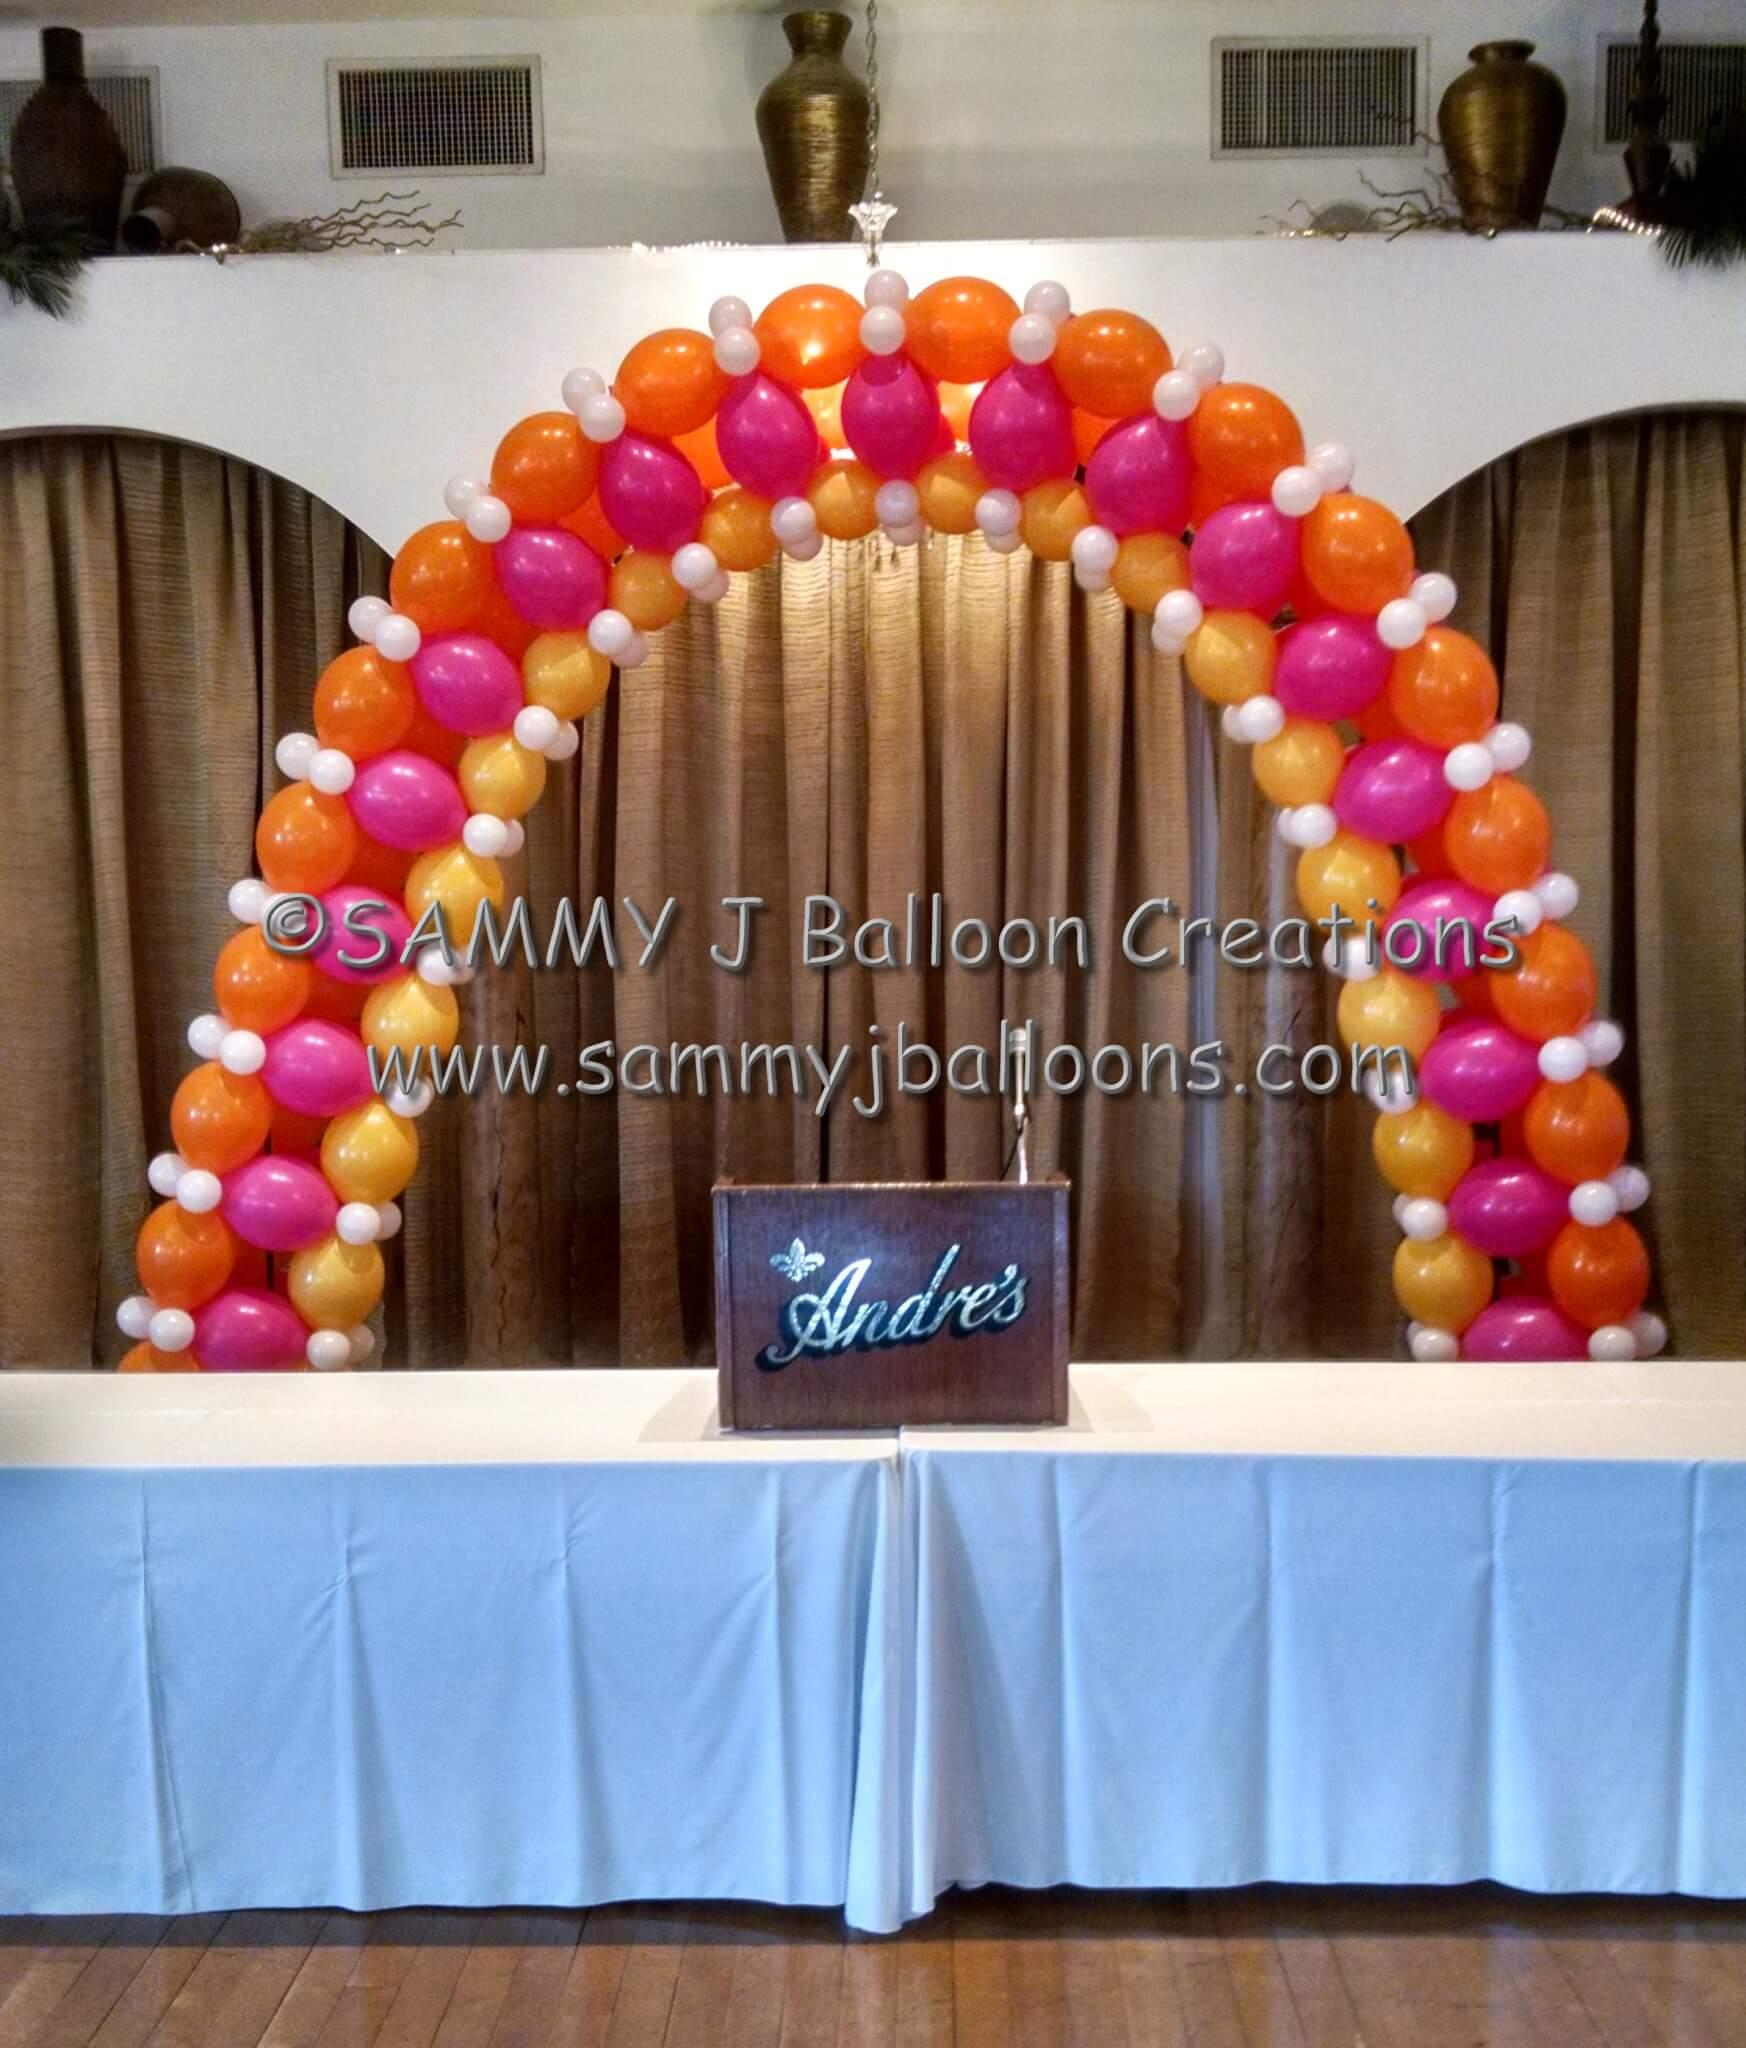 SAMMY J Balloon Creations st louis balloons balloon party arch